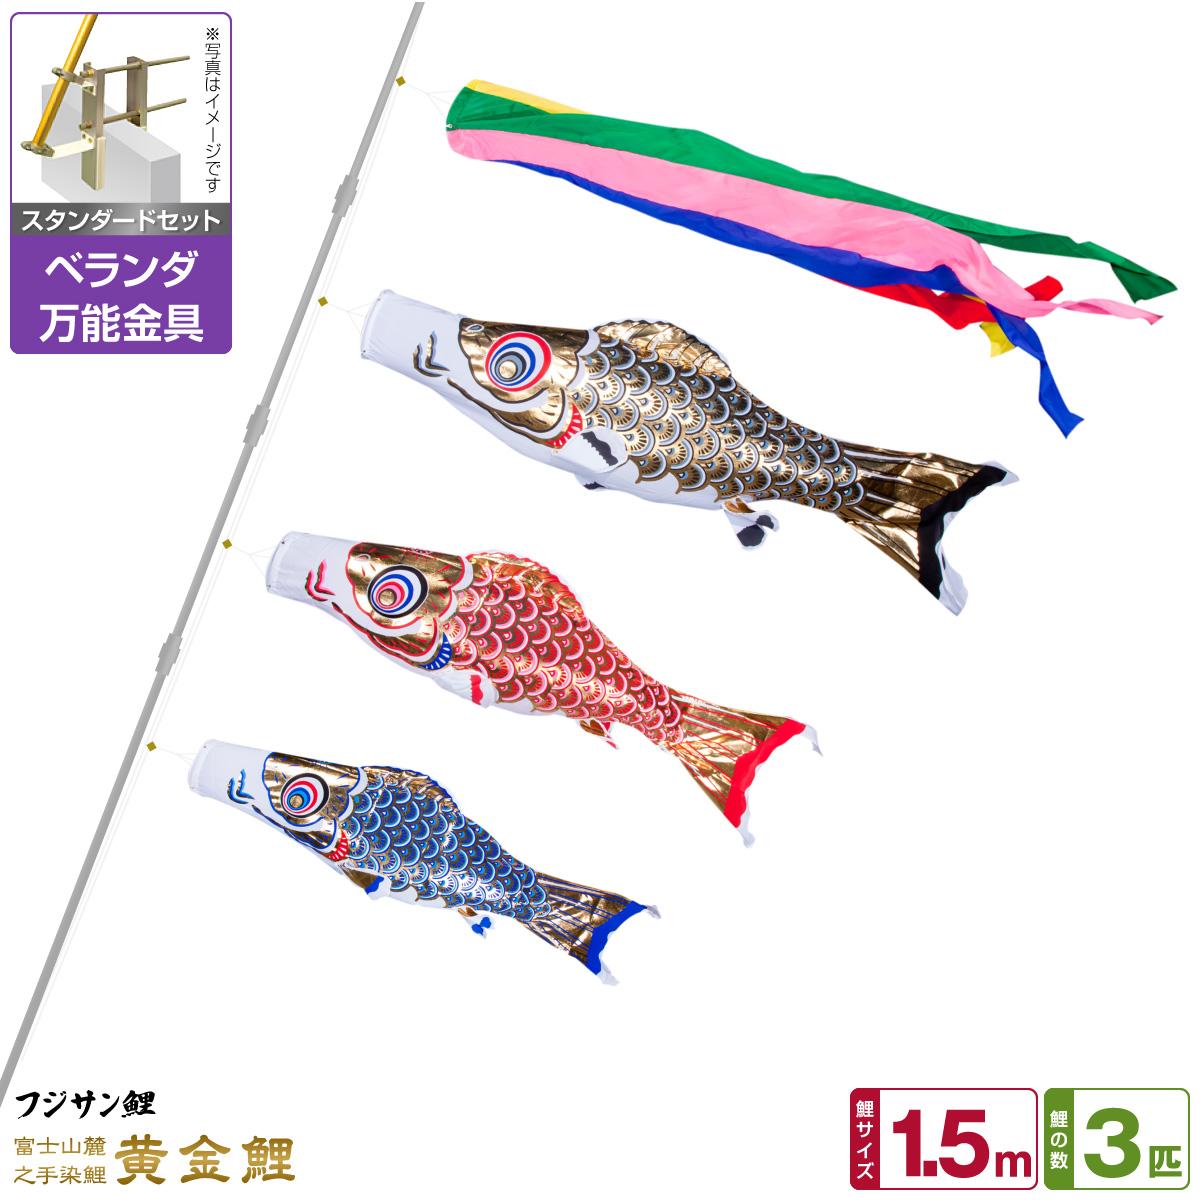 ベランダ用 こいのぼり 鯉のぼり フジサン鯉 黄金鯉 1.5m 6点(吹流し+鯉3匹+矢車+ロープ)/スタンダードセット(万能取付金具)